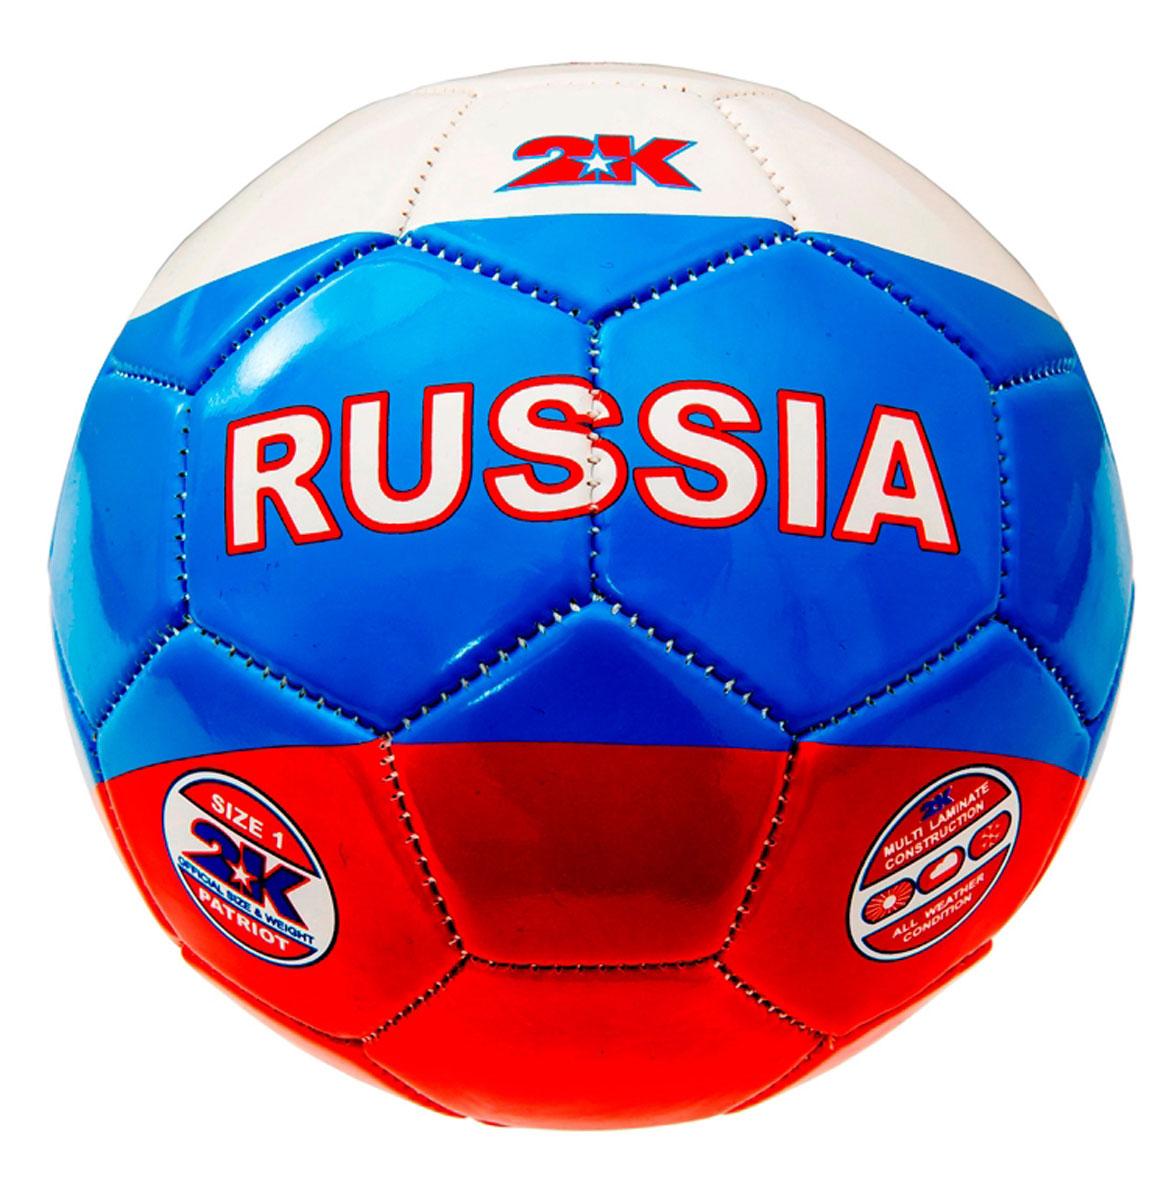 Мяч сувенирный 2K Sport Patriot, цвет: белый, синий, красный. Размер 1127066pСувенирный мяч 2K Sport Patriot украшен символикой Российской Федерации. Подкладка выполнена из трех слоев полиэстера. Камера изготовлена из высококачественного латекса. Машинная сшивка.